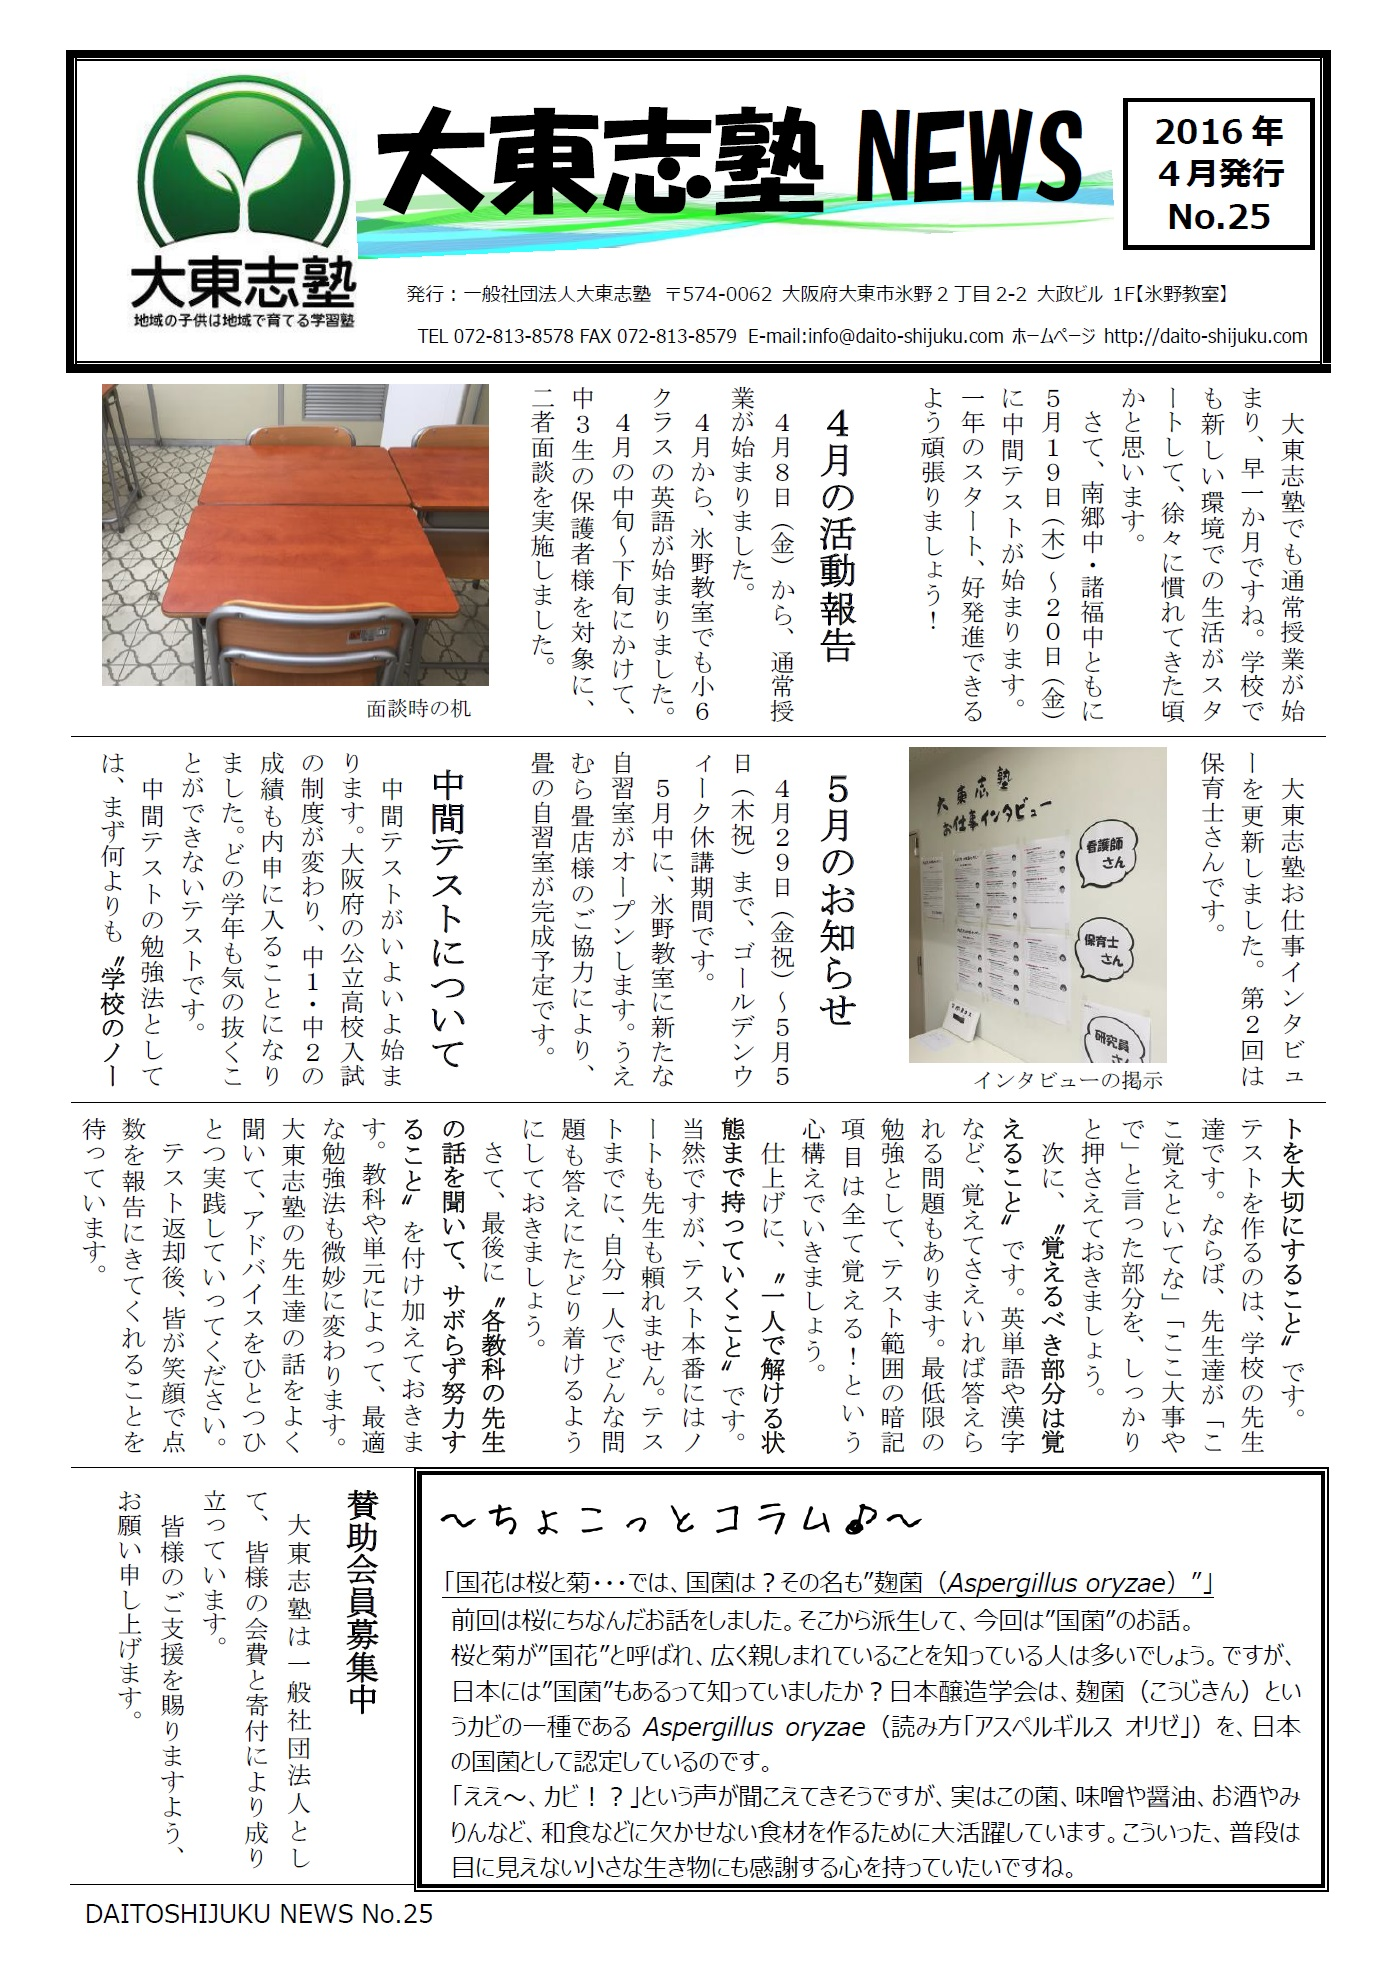 20160507 大東志塾NEWS